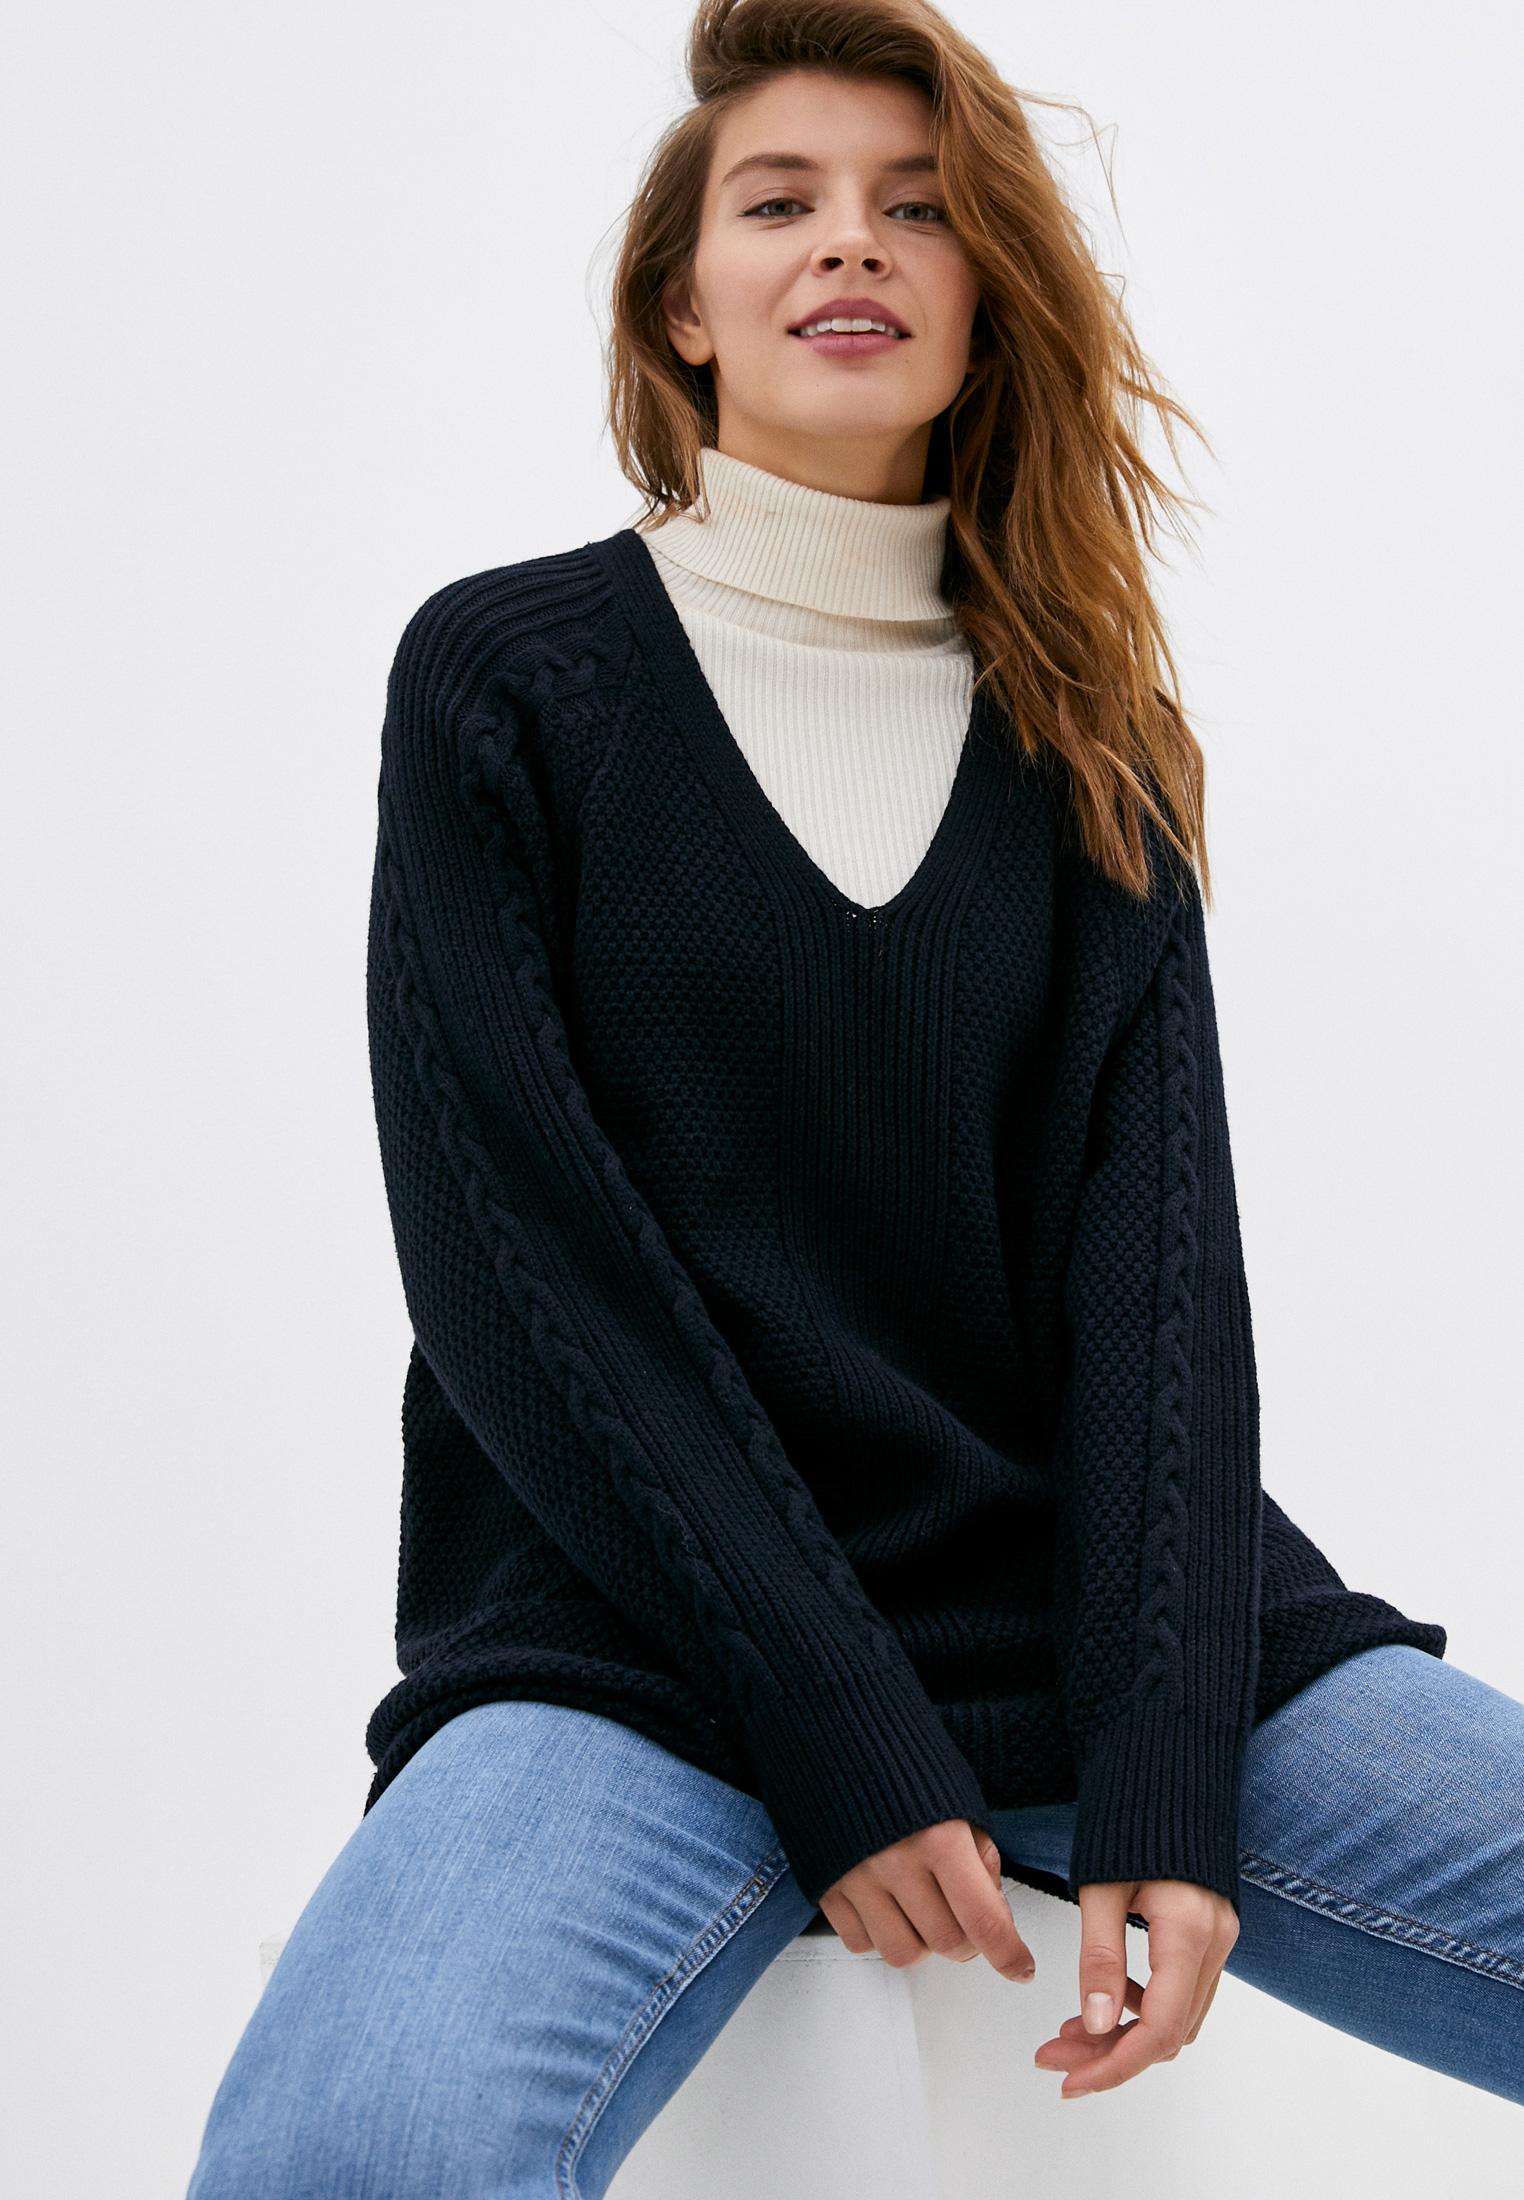 Пуловер Roxy (Рокси) Пуловер Roxy